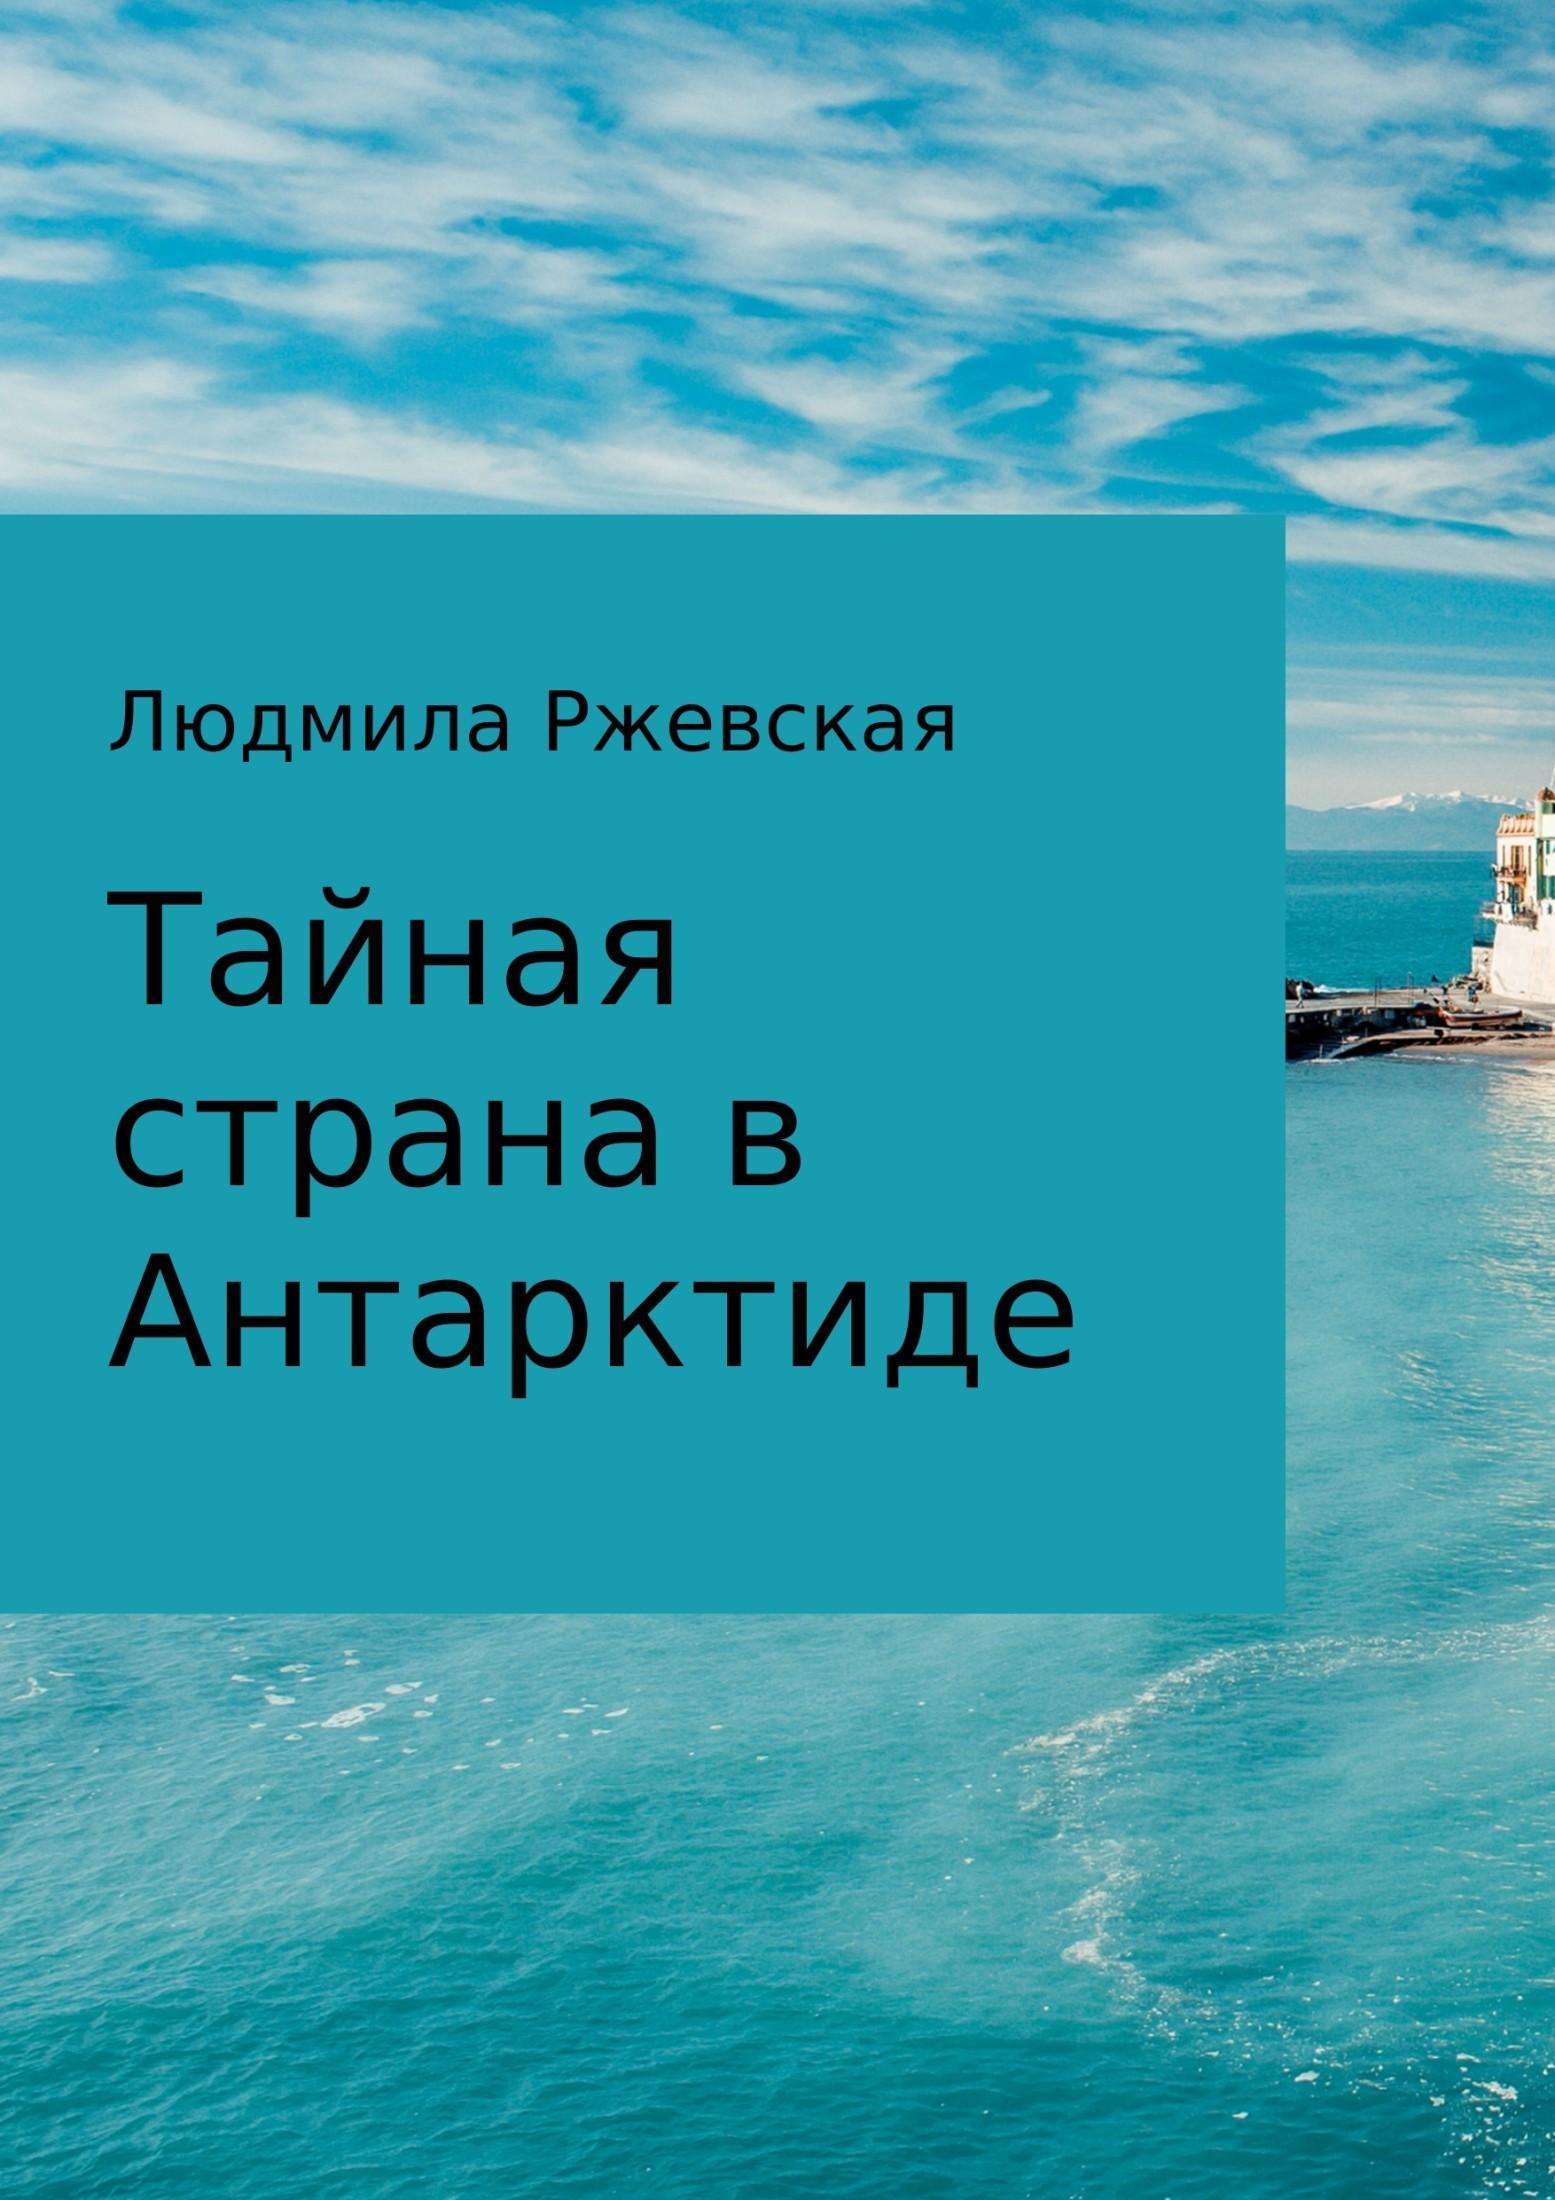 Людмила Петровна Ржевская. Тайная страна в Антарктиде